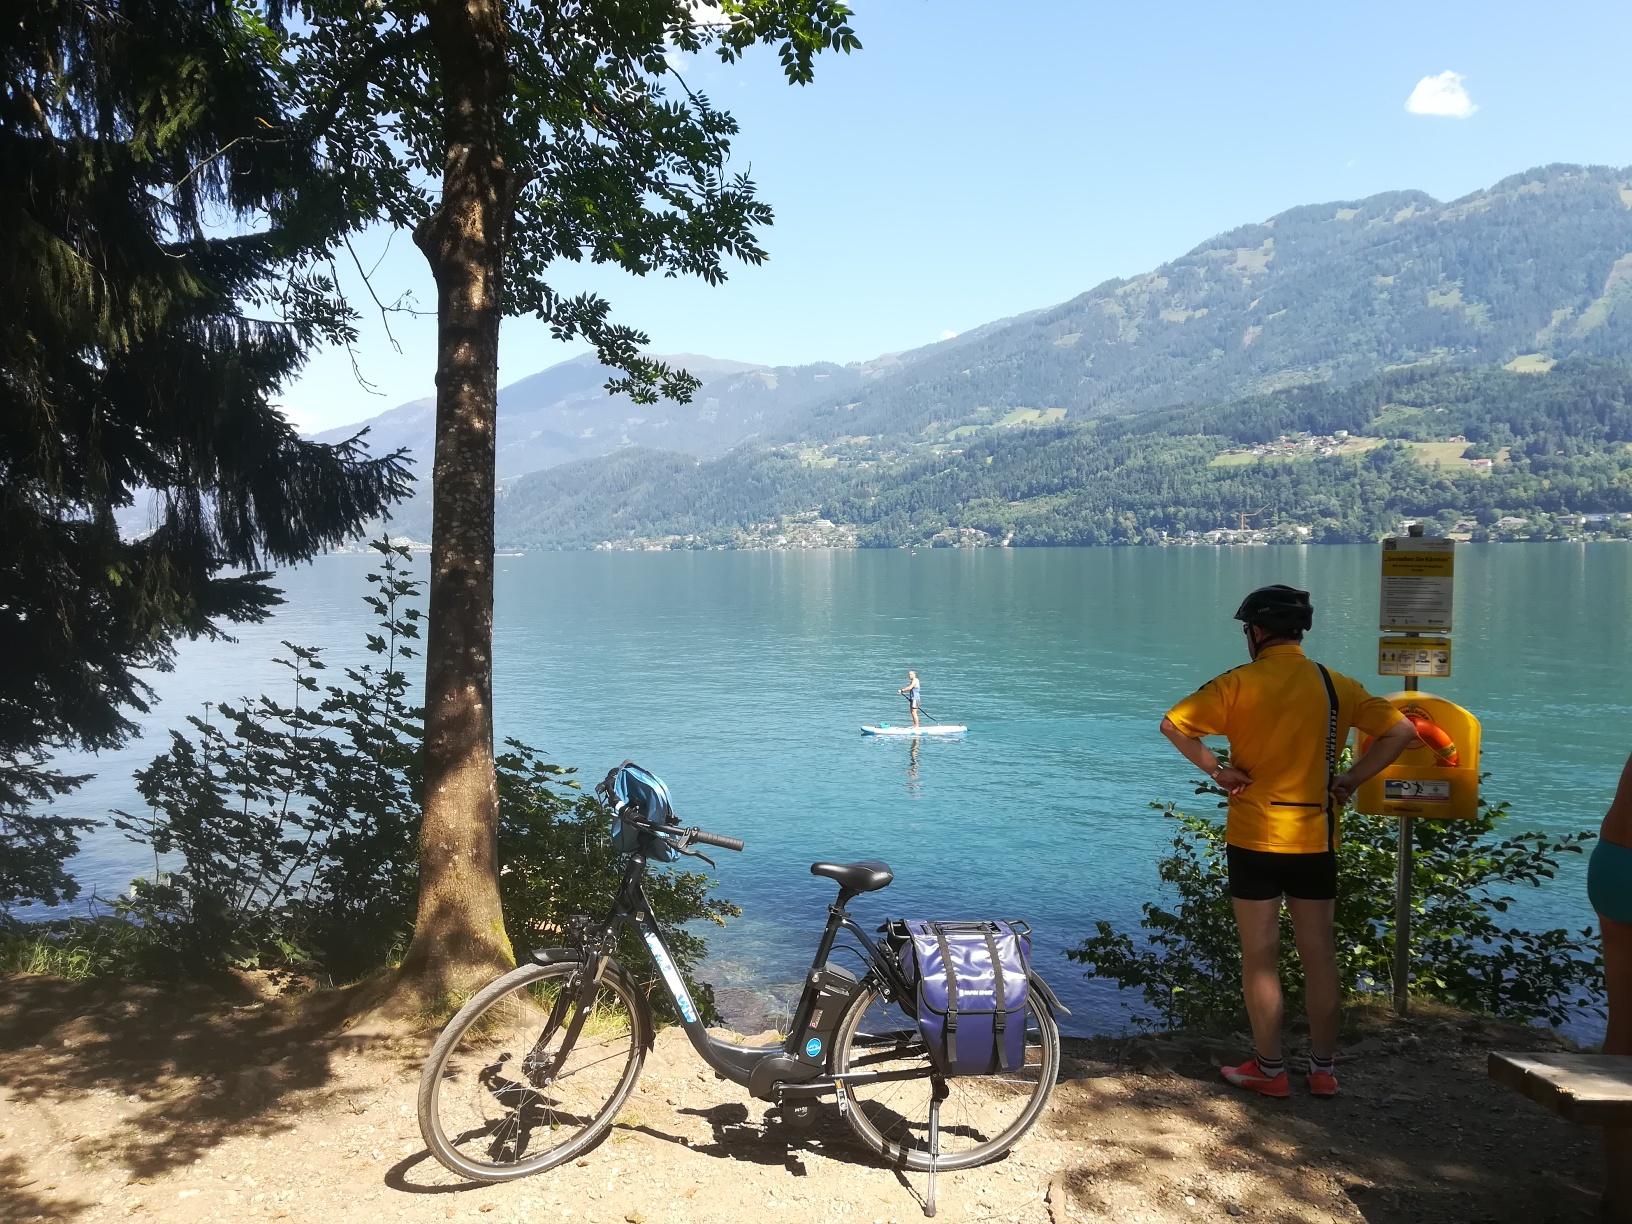 Explorez de fantastiques circuits à vélo en Carinthie - Lac Millstatt à vélo